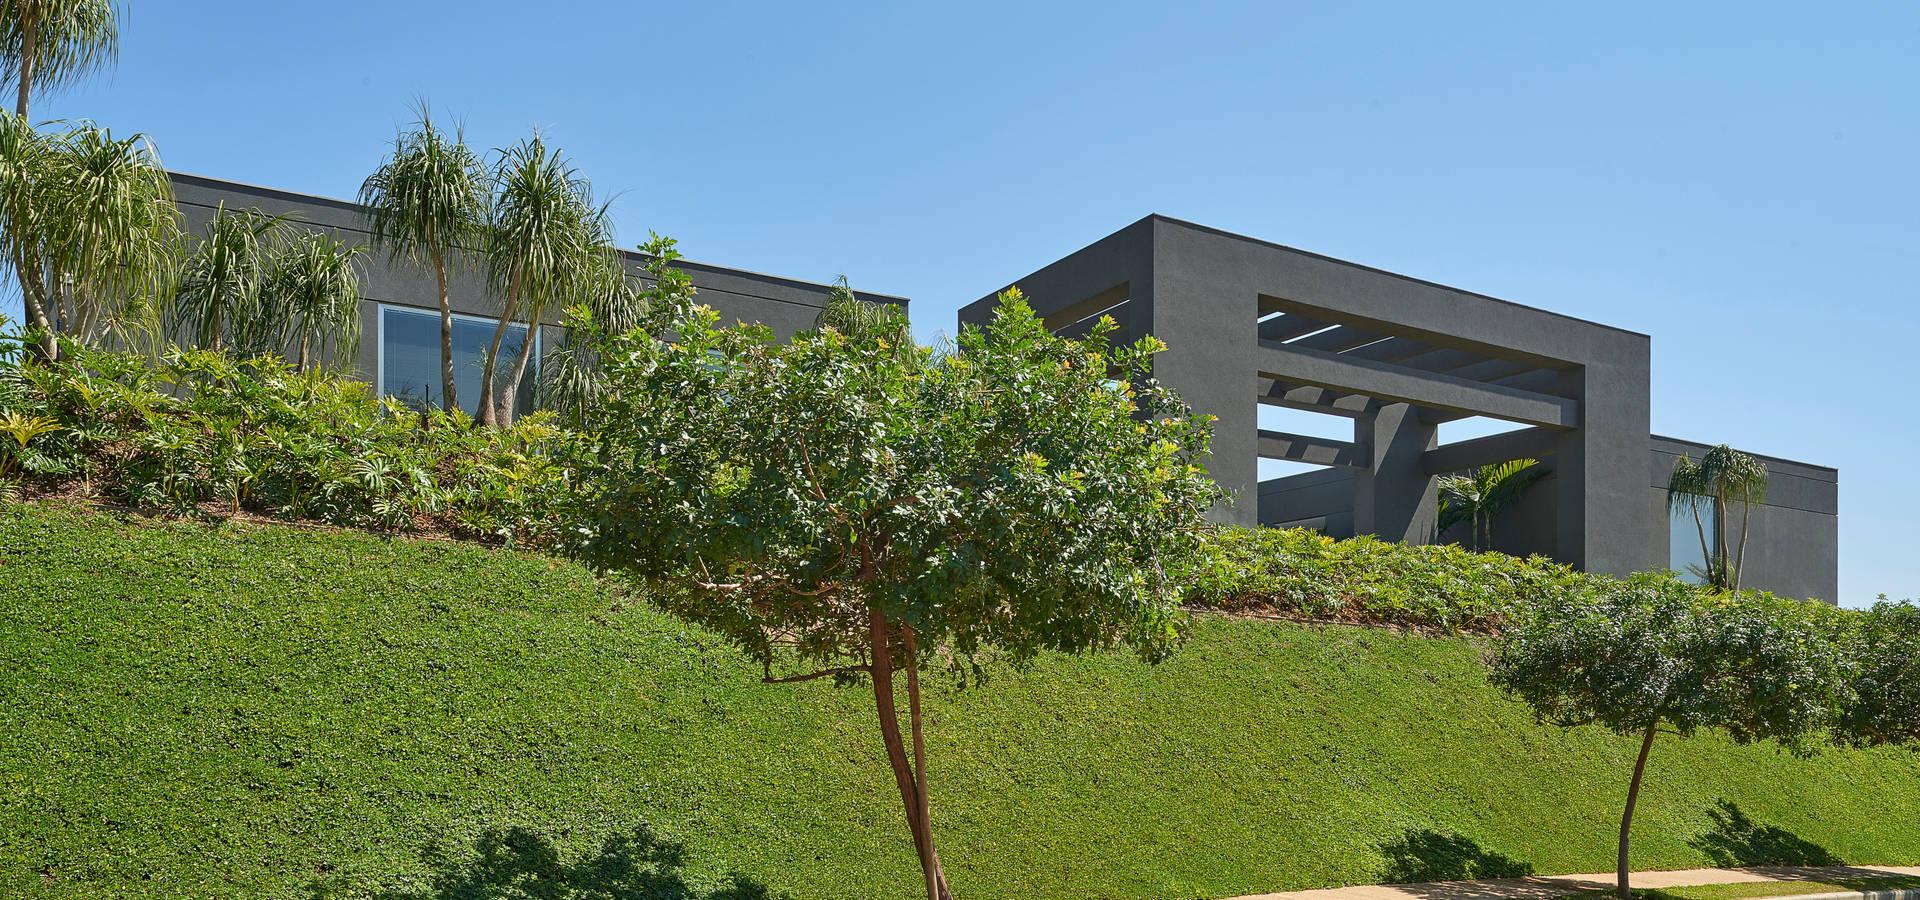 InVerso Projetos Arquitetônicos Ltda